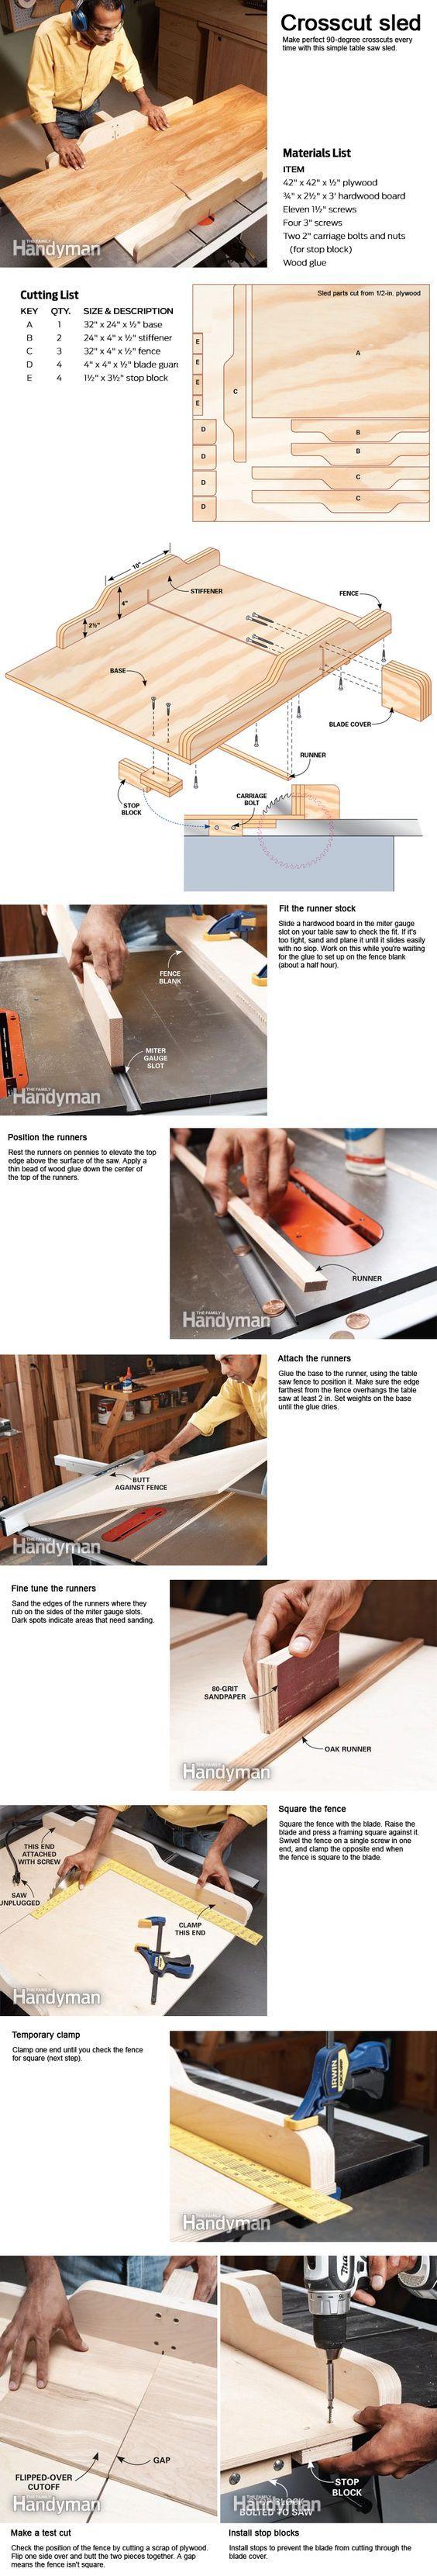 ❧ Coupes transversales avec une table de scie Sled: